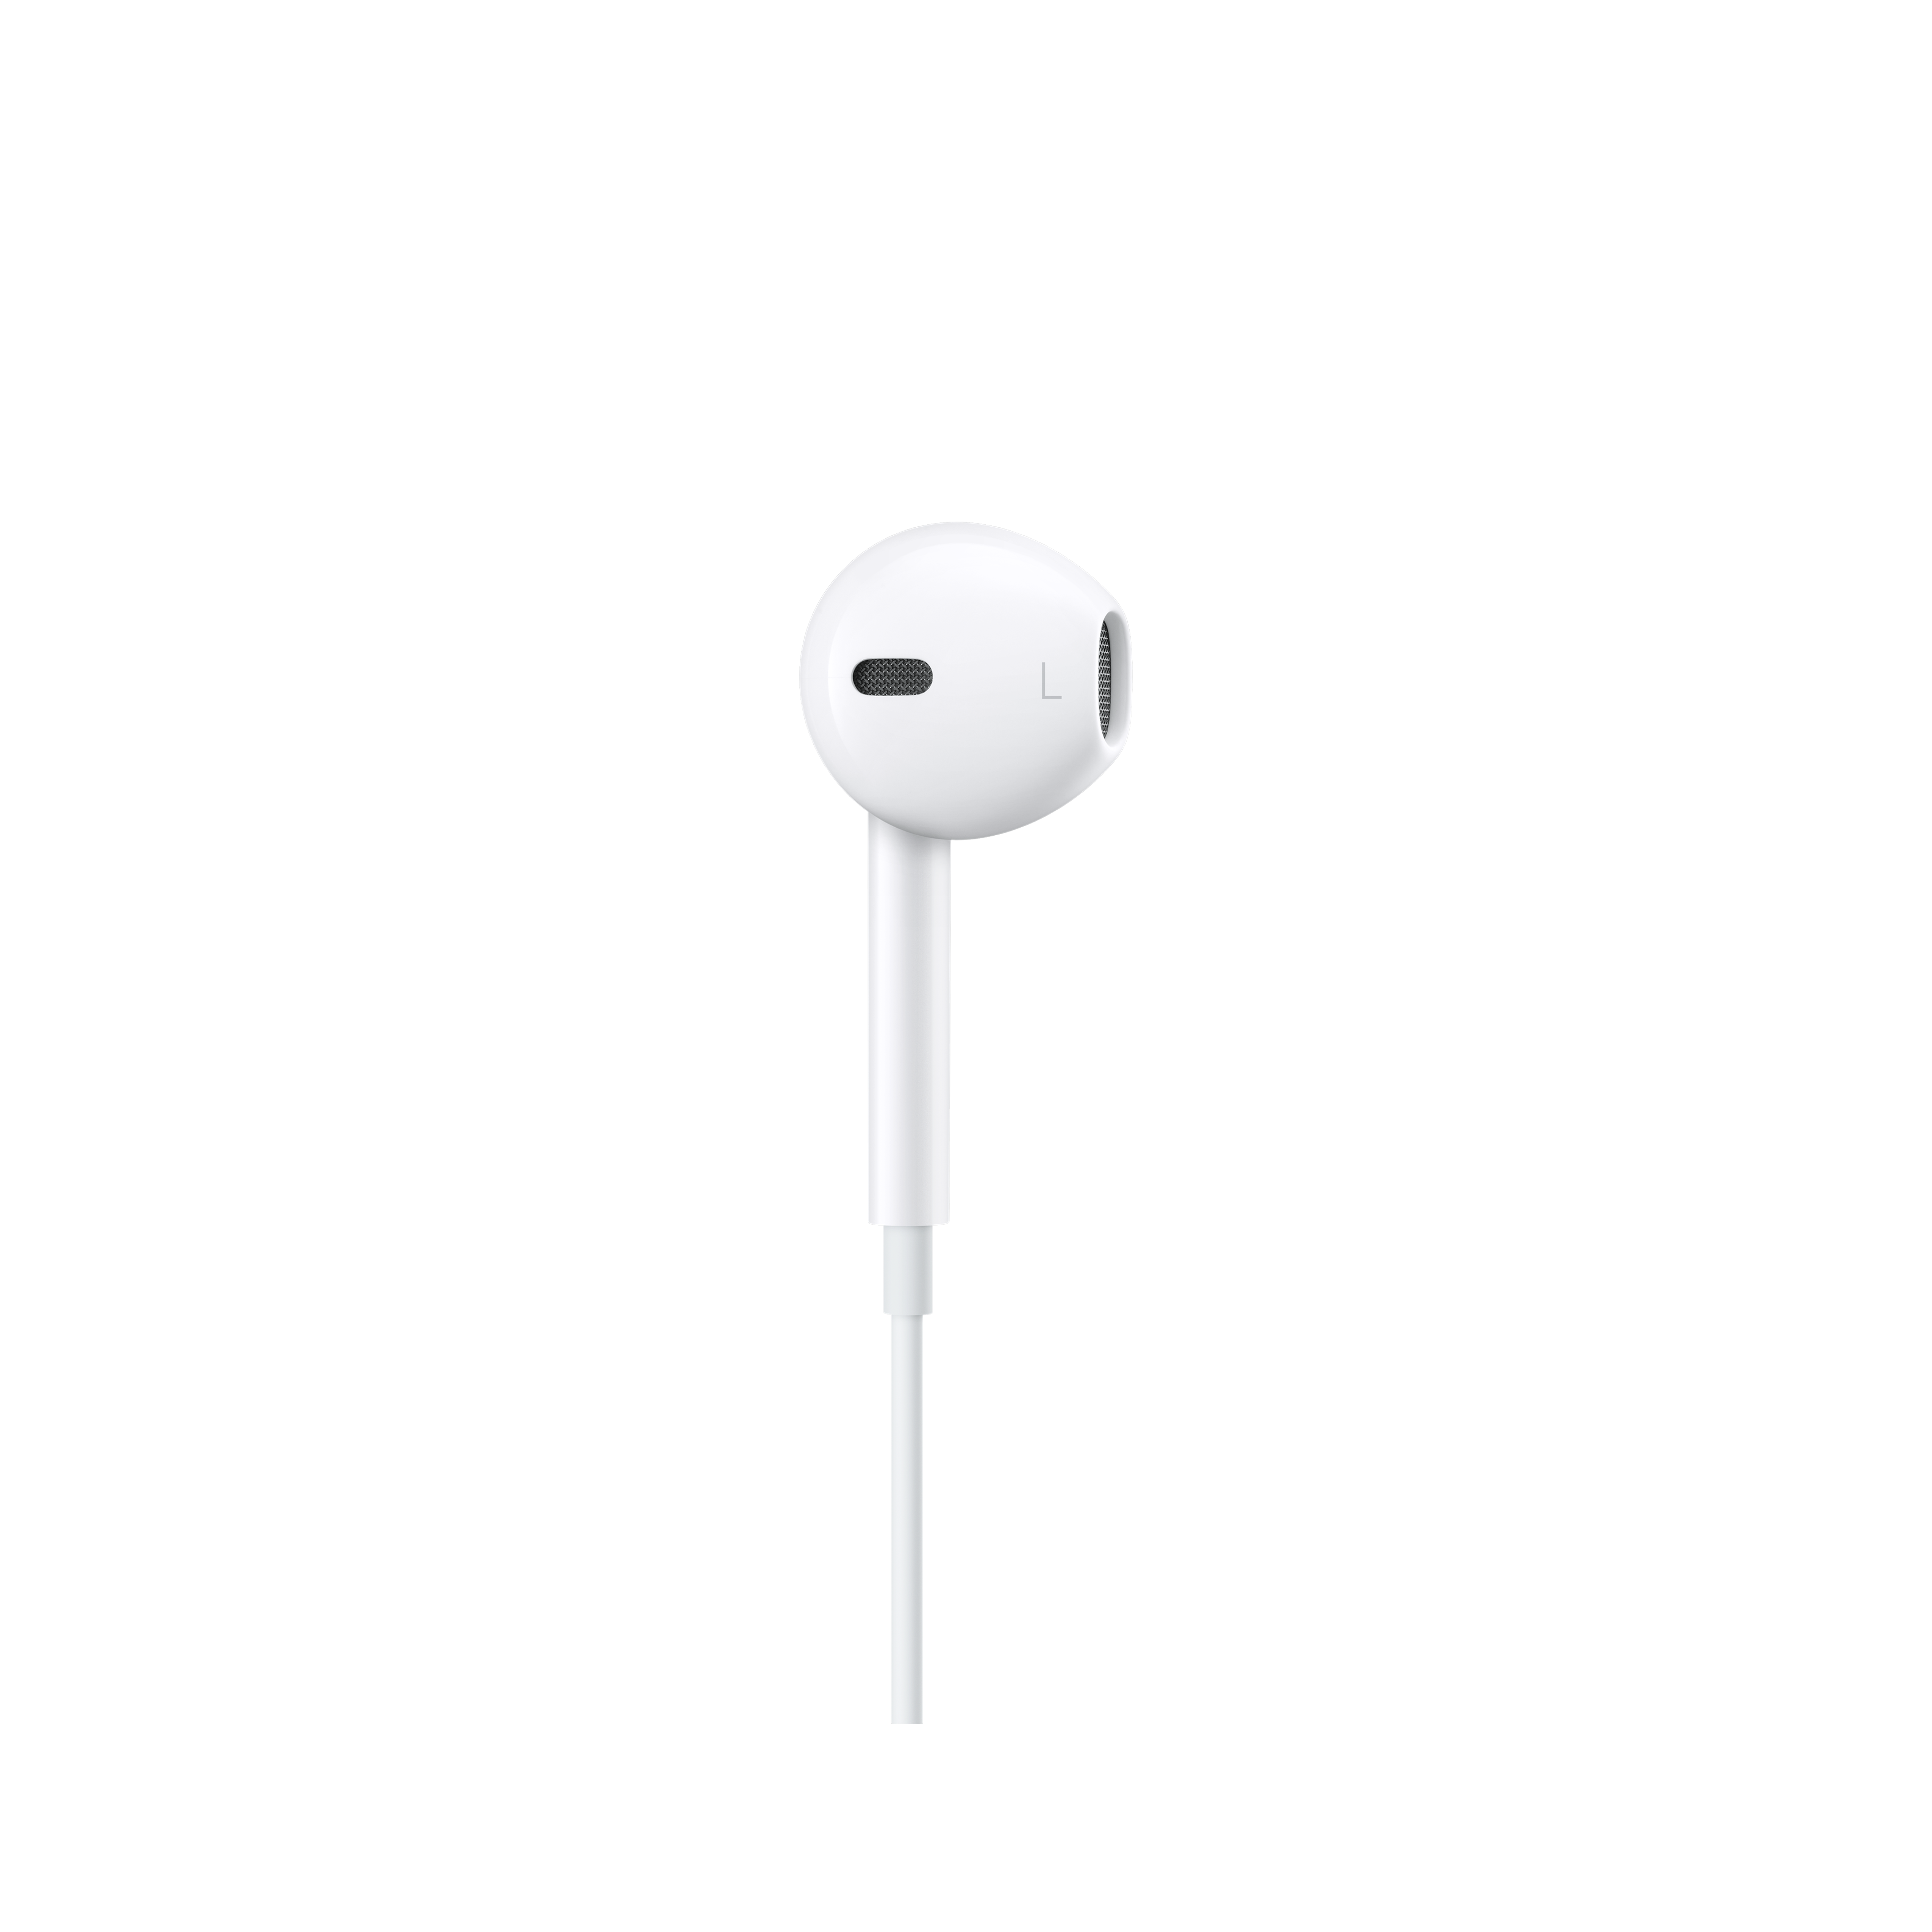 - Audífonos Apple Earpods con conector de 3.5 mm 2